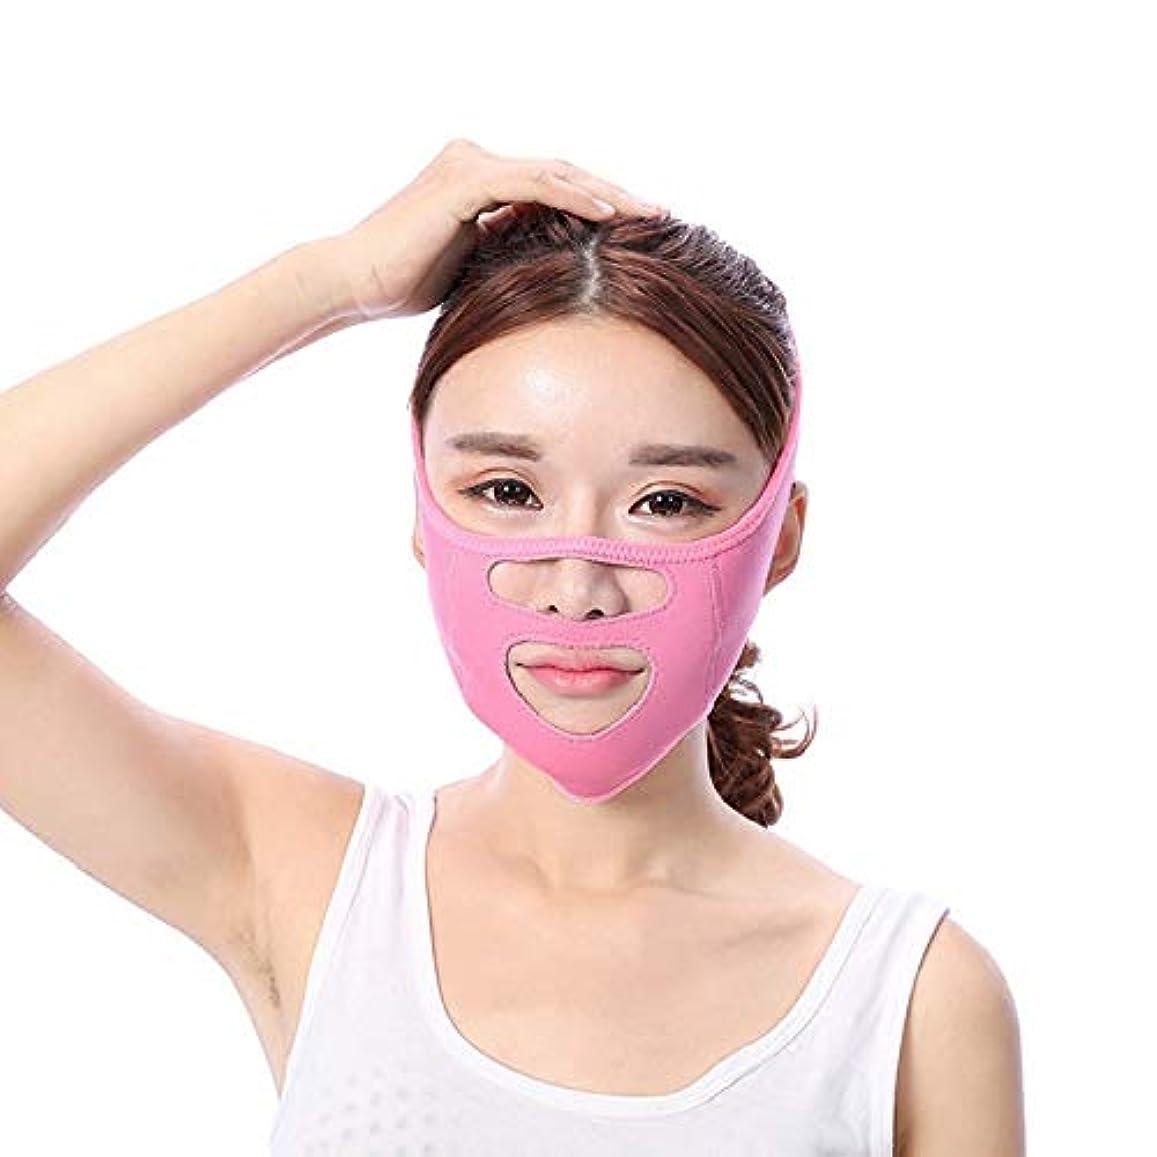 奨学金アシスト化石GYZ 顔の持ち上がる痩身ベルト - あなたの顔のための素晴らしいトレーニング二重あごのワークアウトフェイスマスクベルト薄い顔包帯整形マスクは顔と首を締めますフェイススリム Thin Face Belt